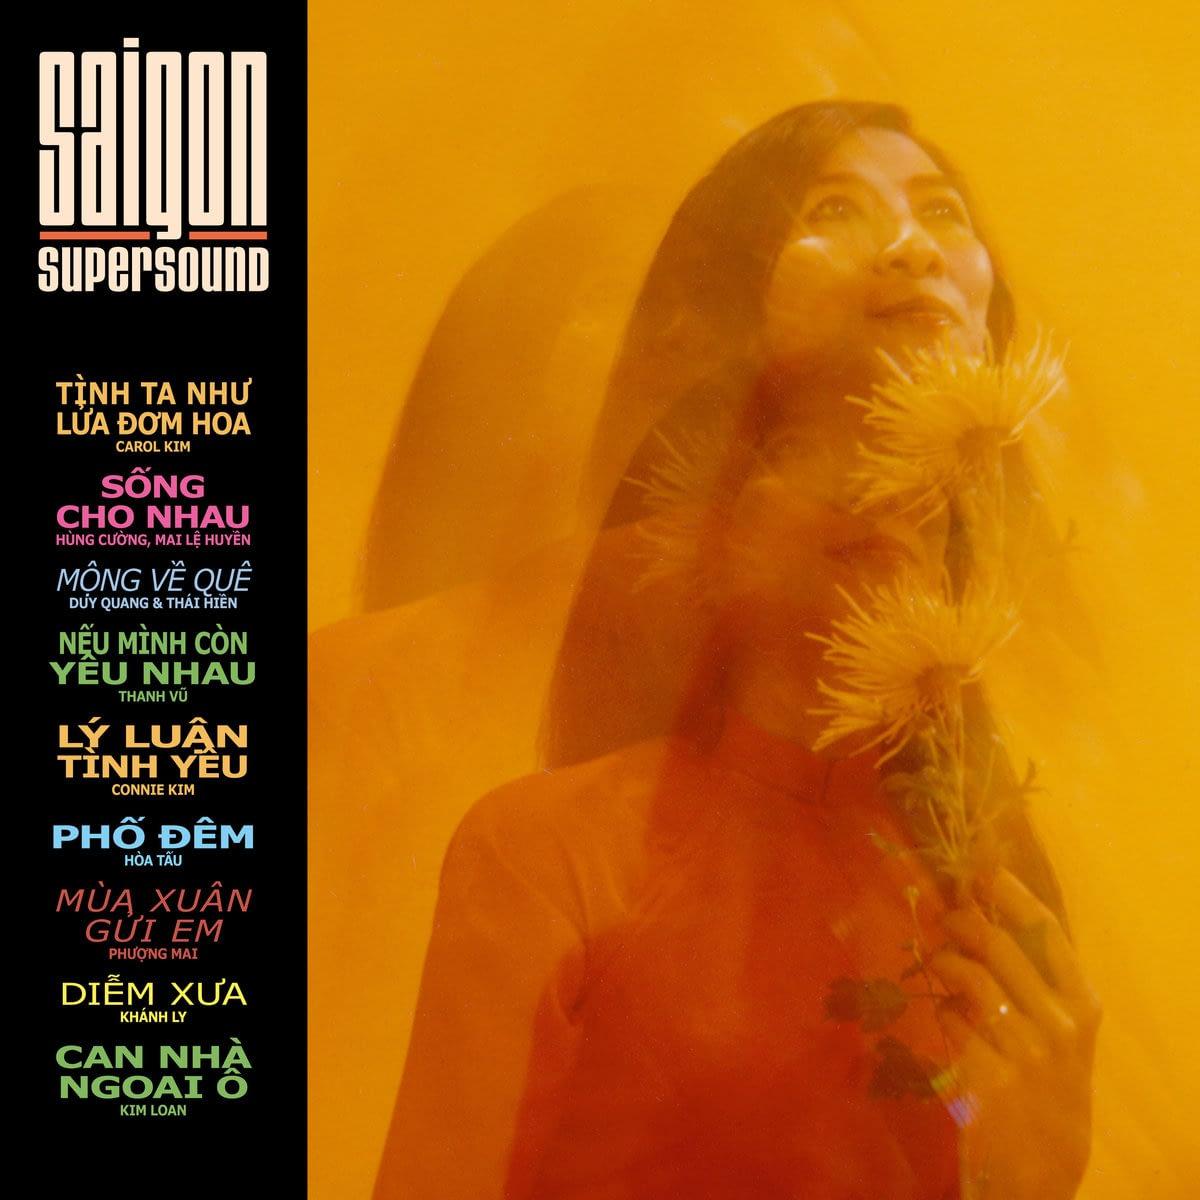 """Сборник """"Saigon Supersound"""" расширит границы представления о вьетнамской музыке 20 века"""